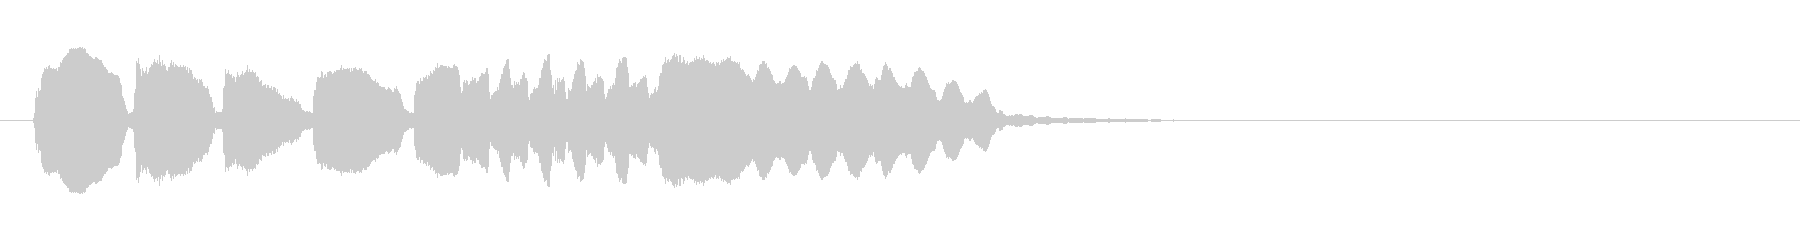 ほわほわほわ~正解者なししょんぼり効果音の未再生の波形